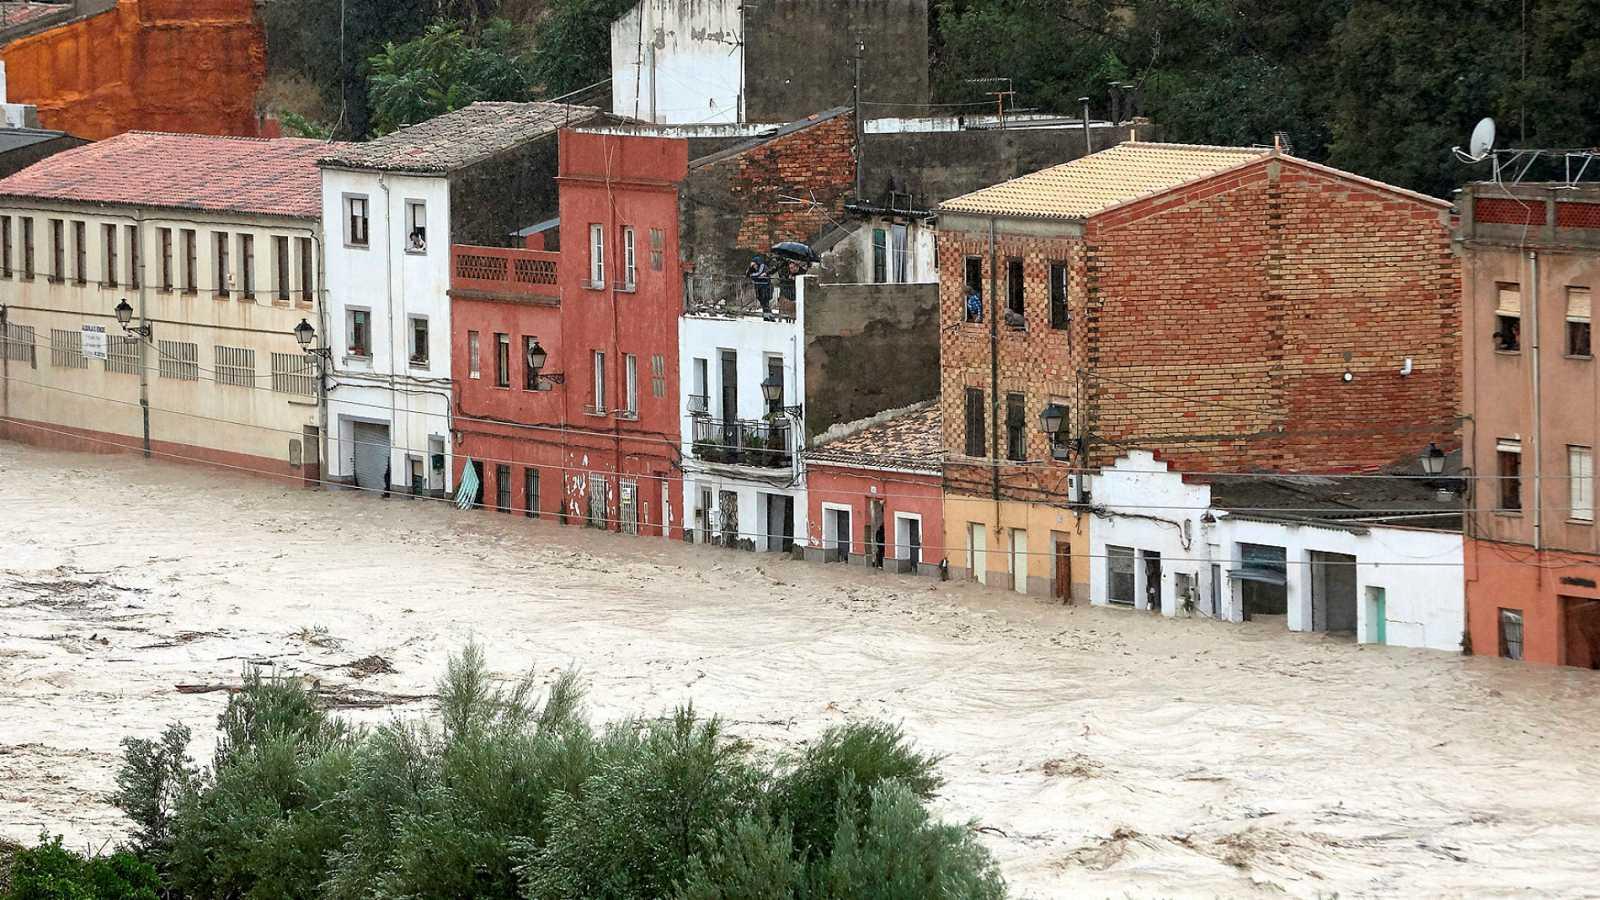 Ontinyent estudia la demolición 40 viviendas para evitar inundaciones